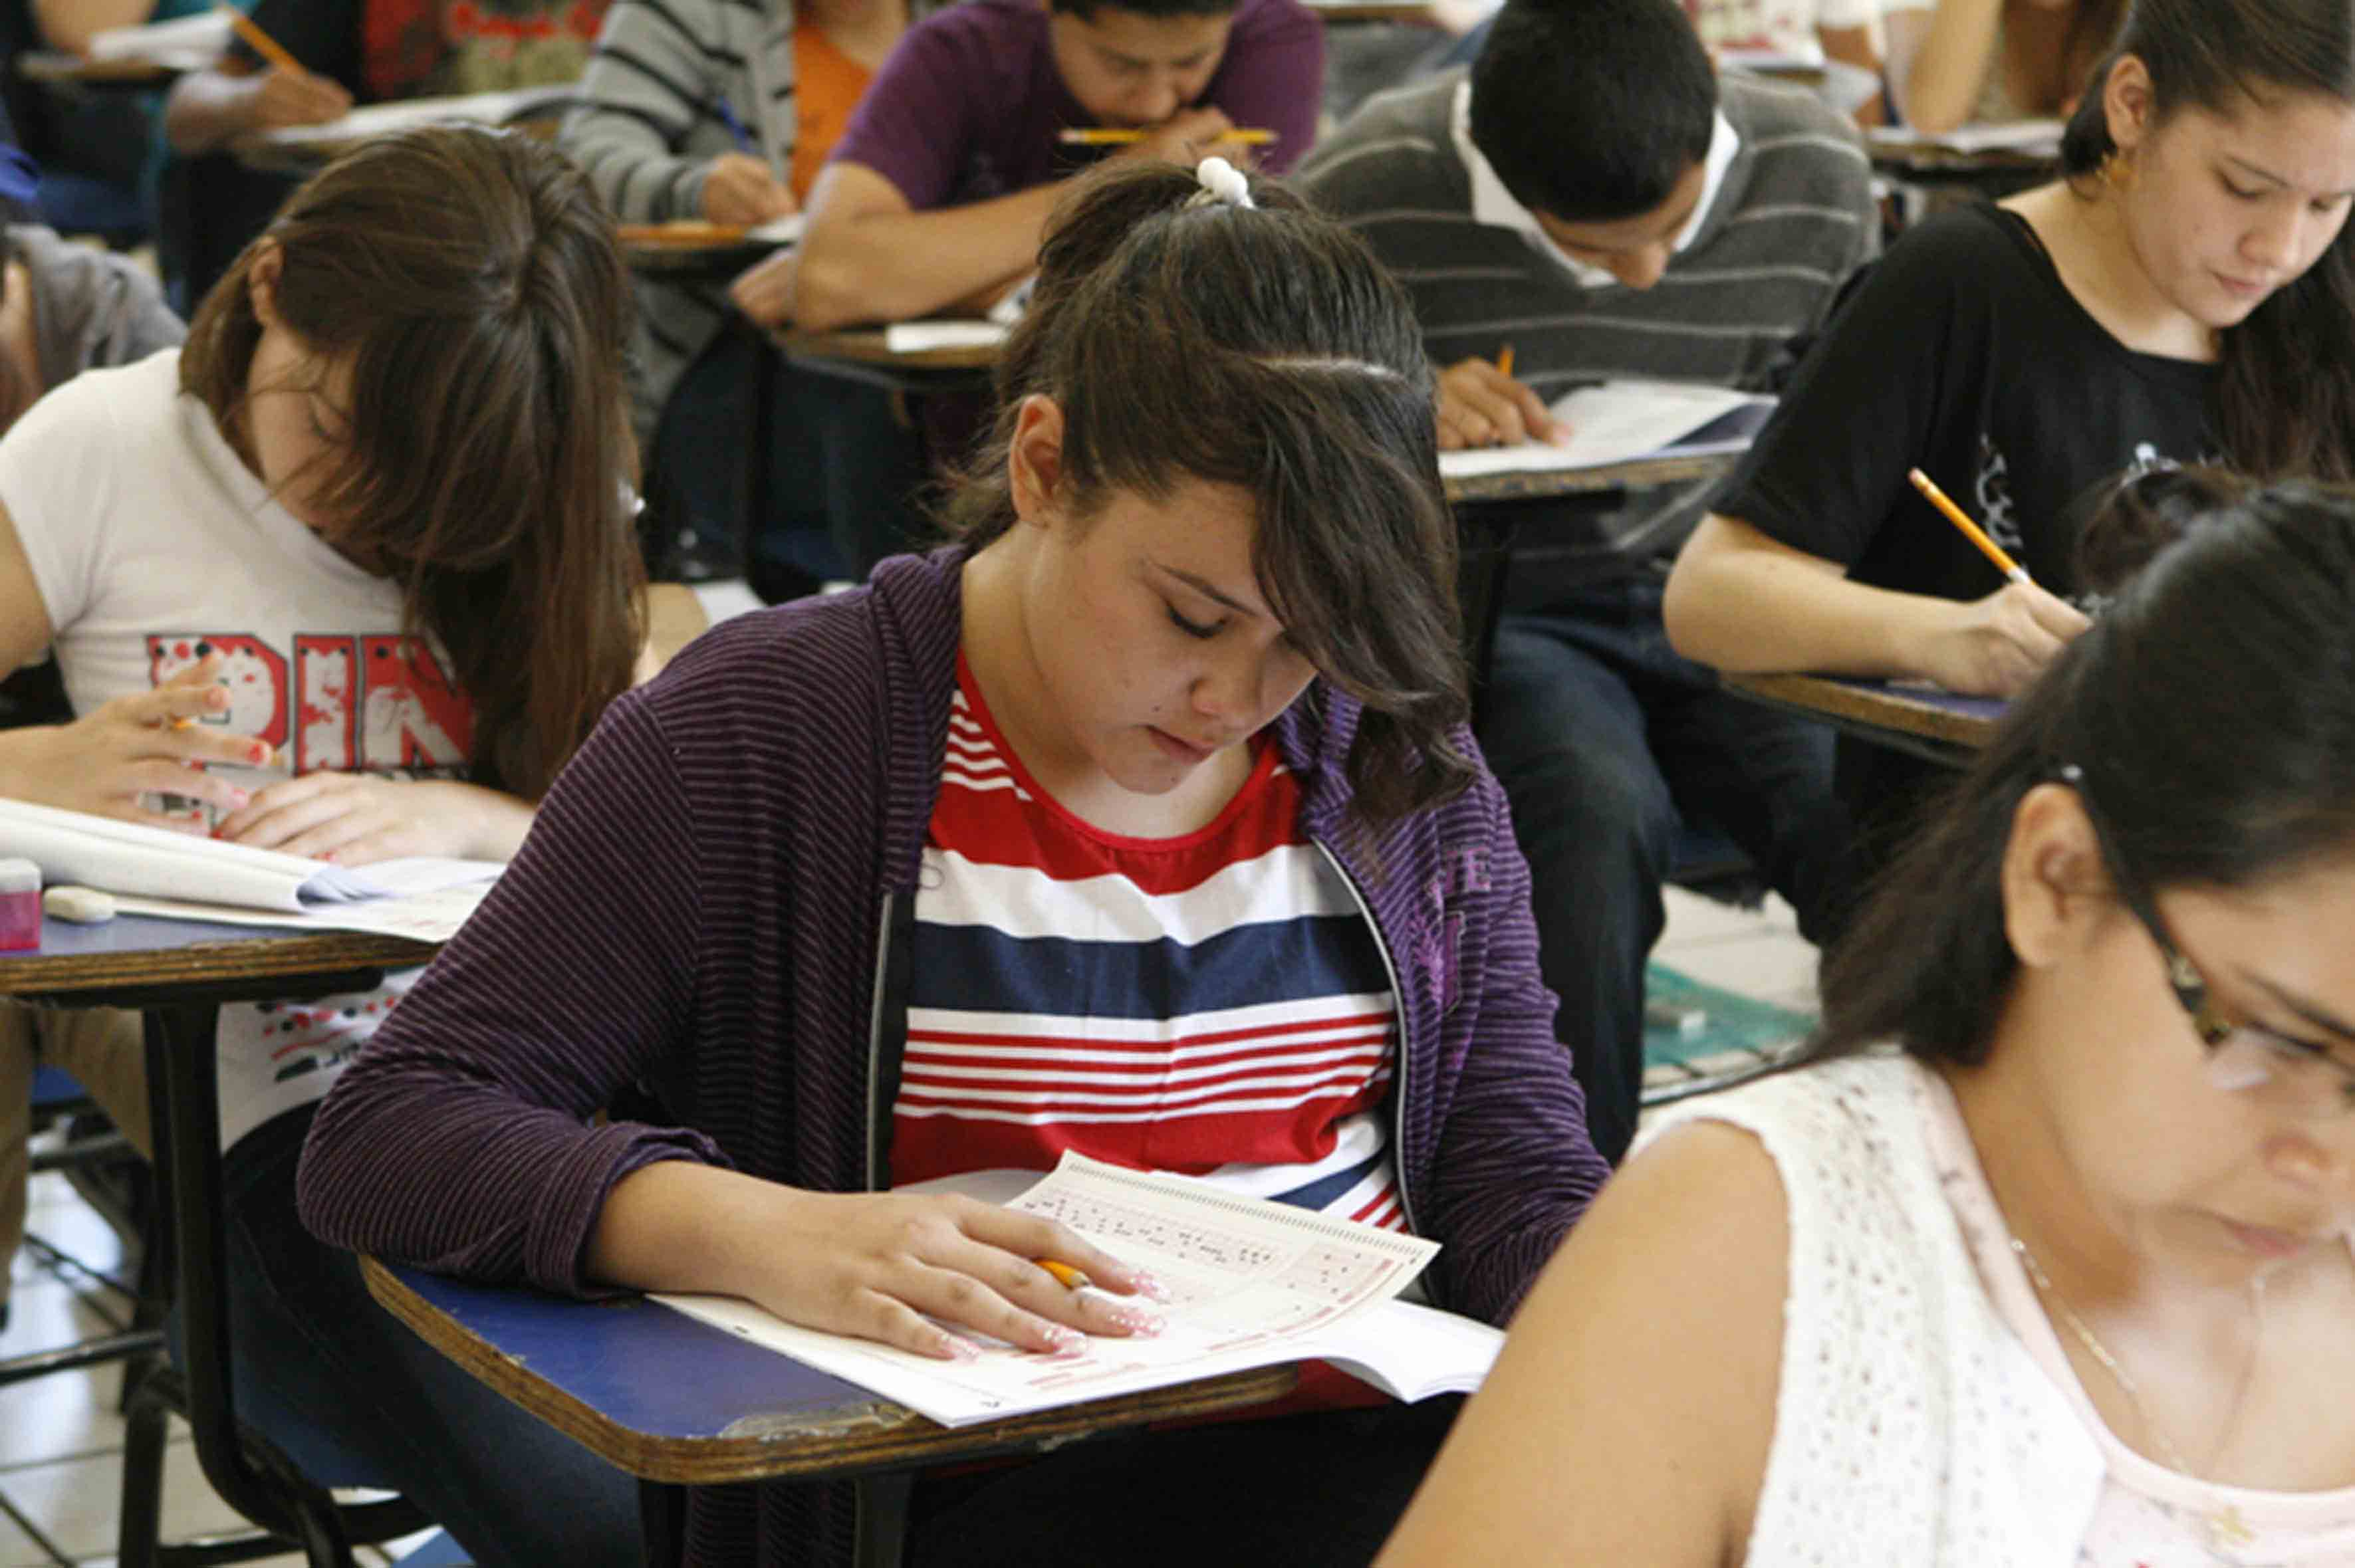 Jóvenes realizando examen de admisión a preparatorias universitarias